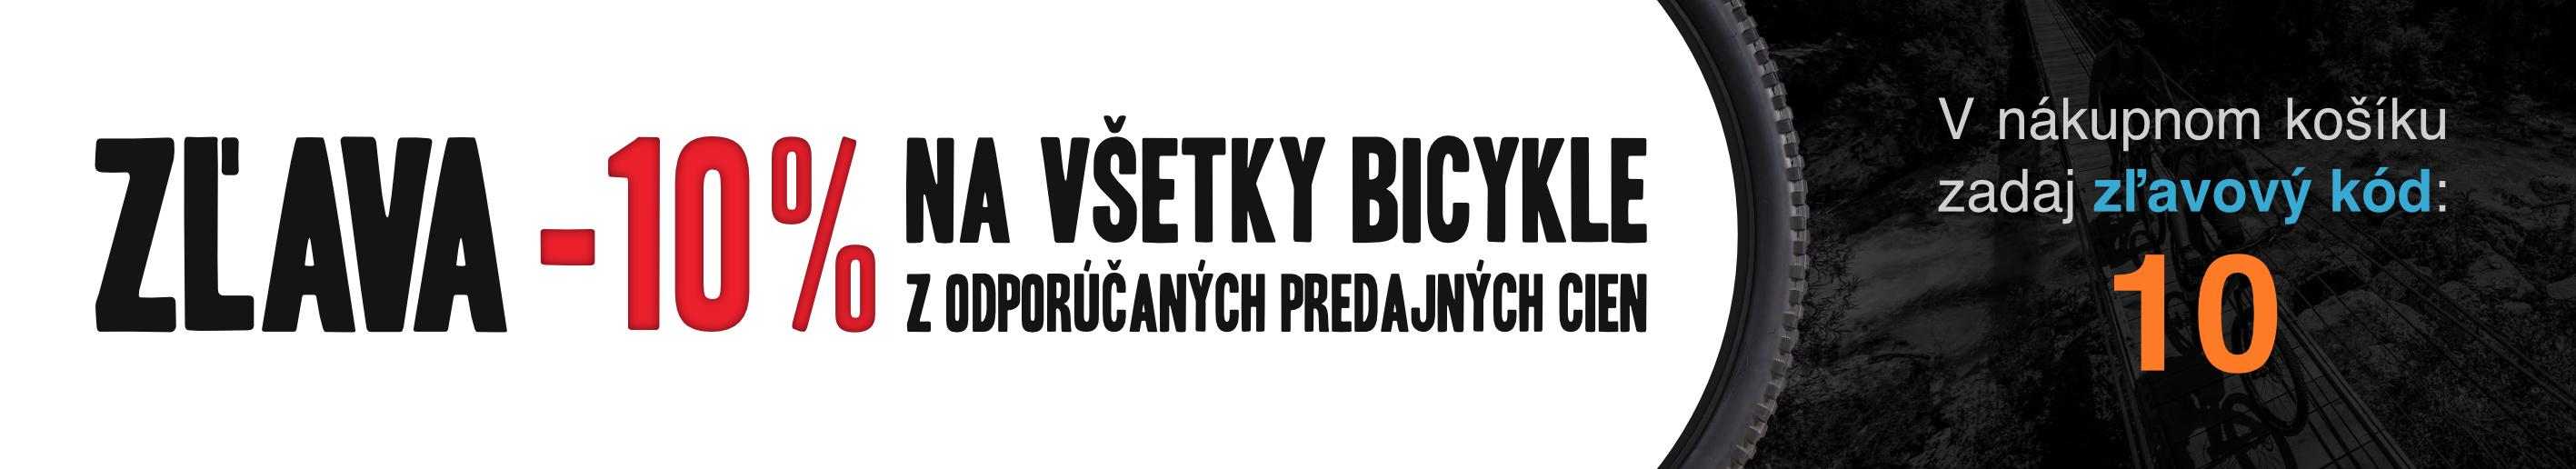 Zľavový kupón na bicykle